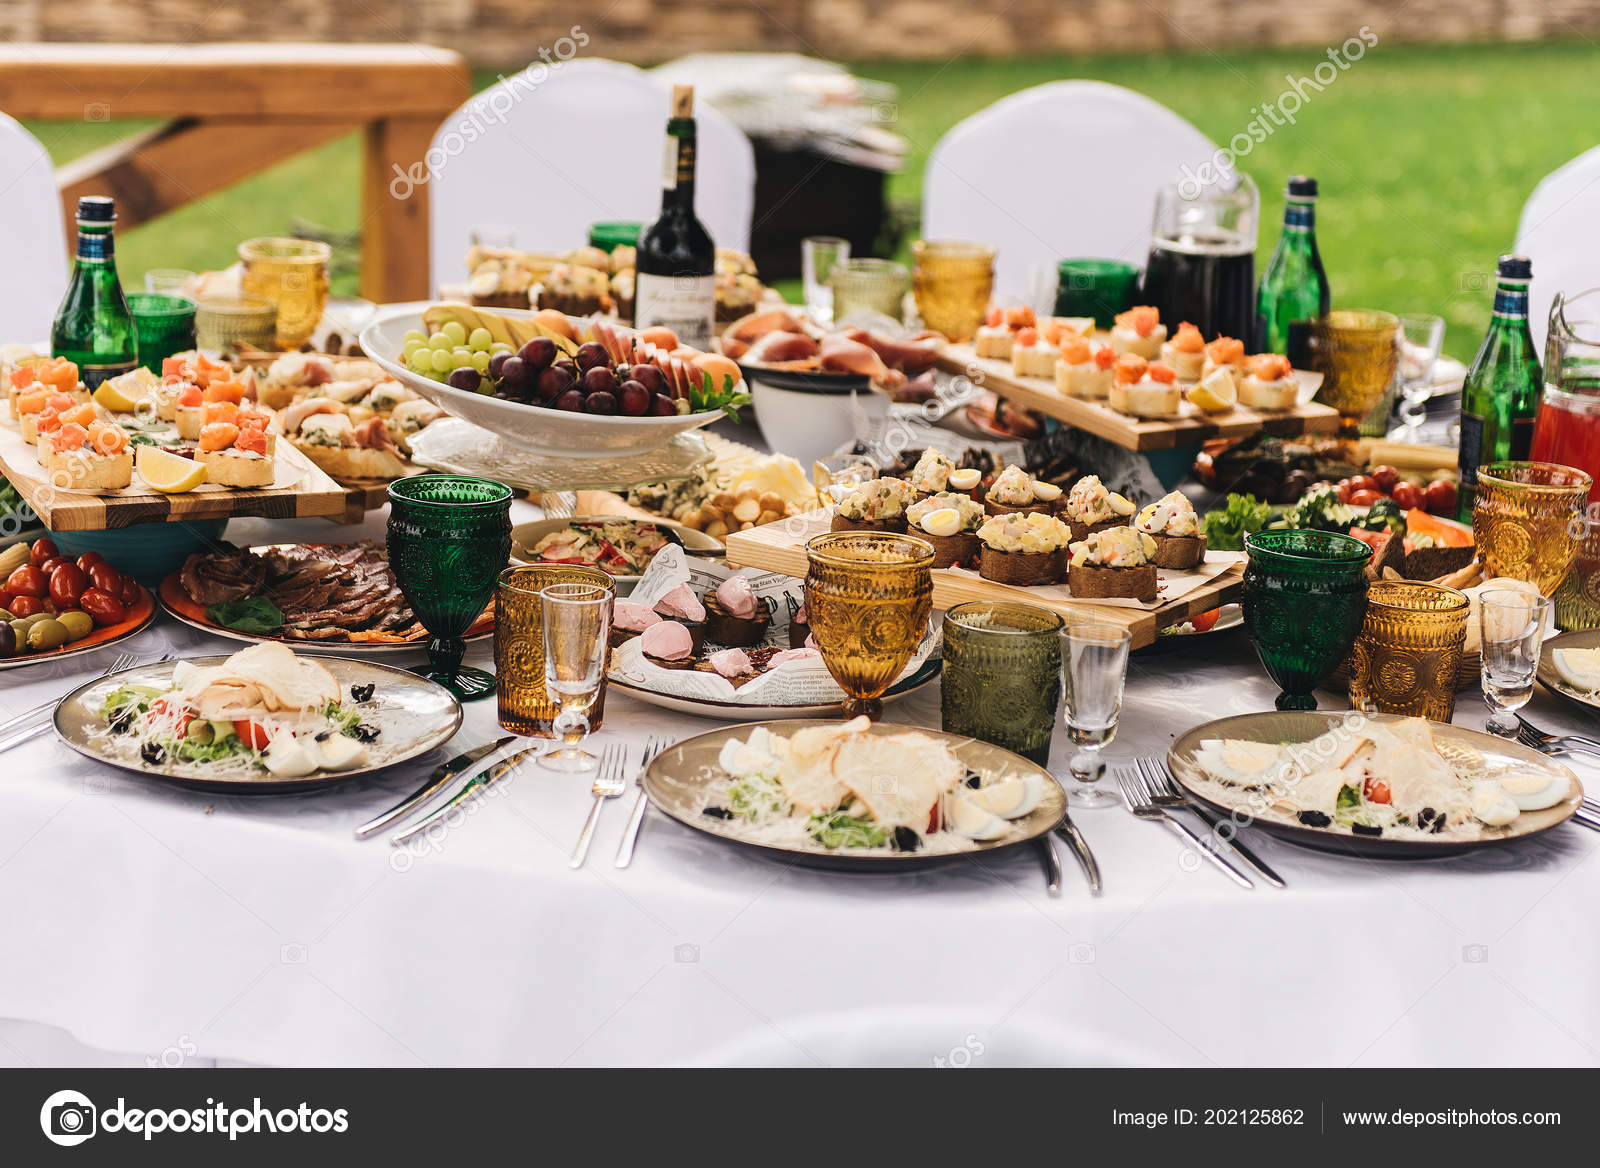 white kitchen buffet and bath store 节日丰富的圆桌配有白色桌布和椅子配有各种美味的菜肴原创小吃和饮料 节日丰富的圆桌 配有白色桌布和椅子 配有各种美味的菜肴 原创小吃和饮料 自助餐在自然 照片作者ksyusha yanovich mail ru